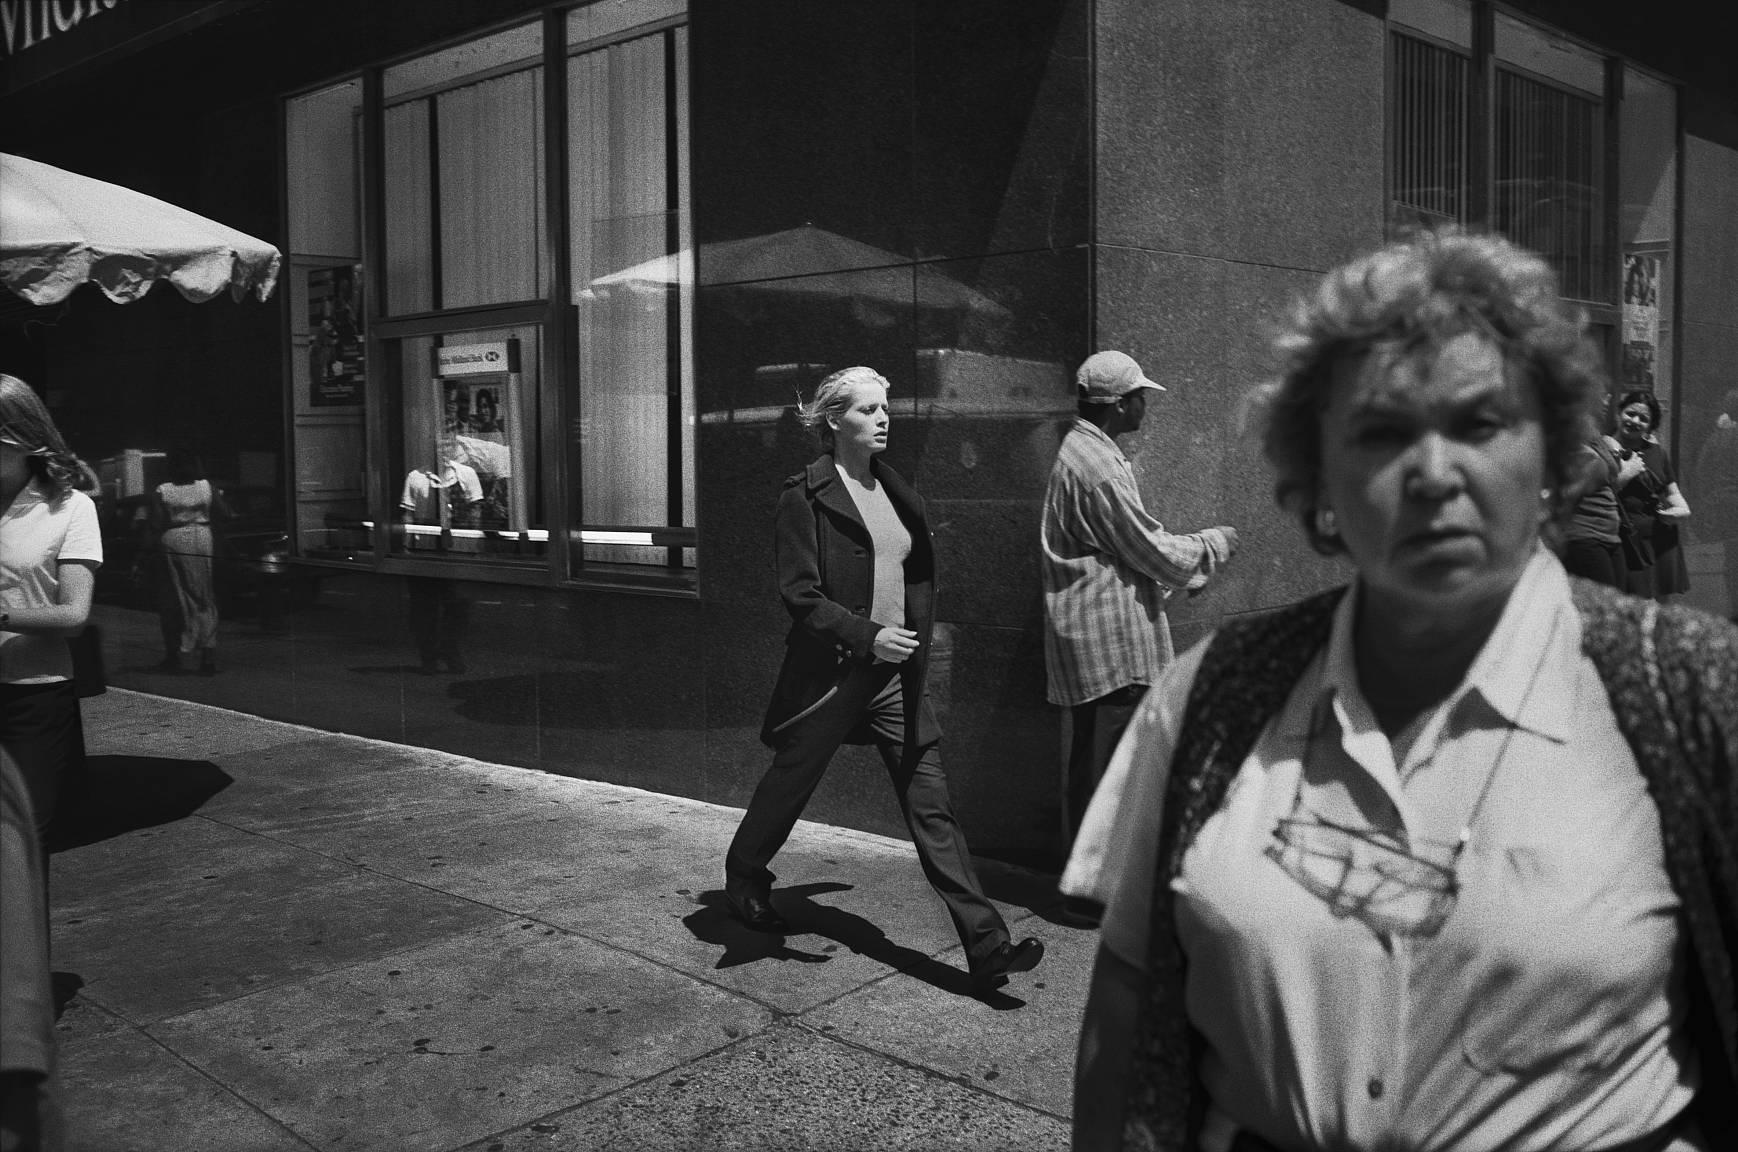 women on street 1